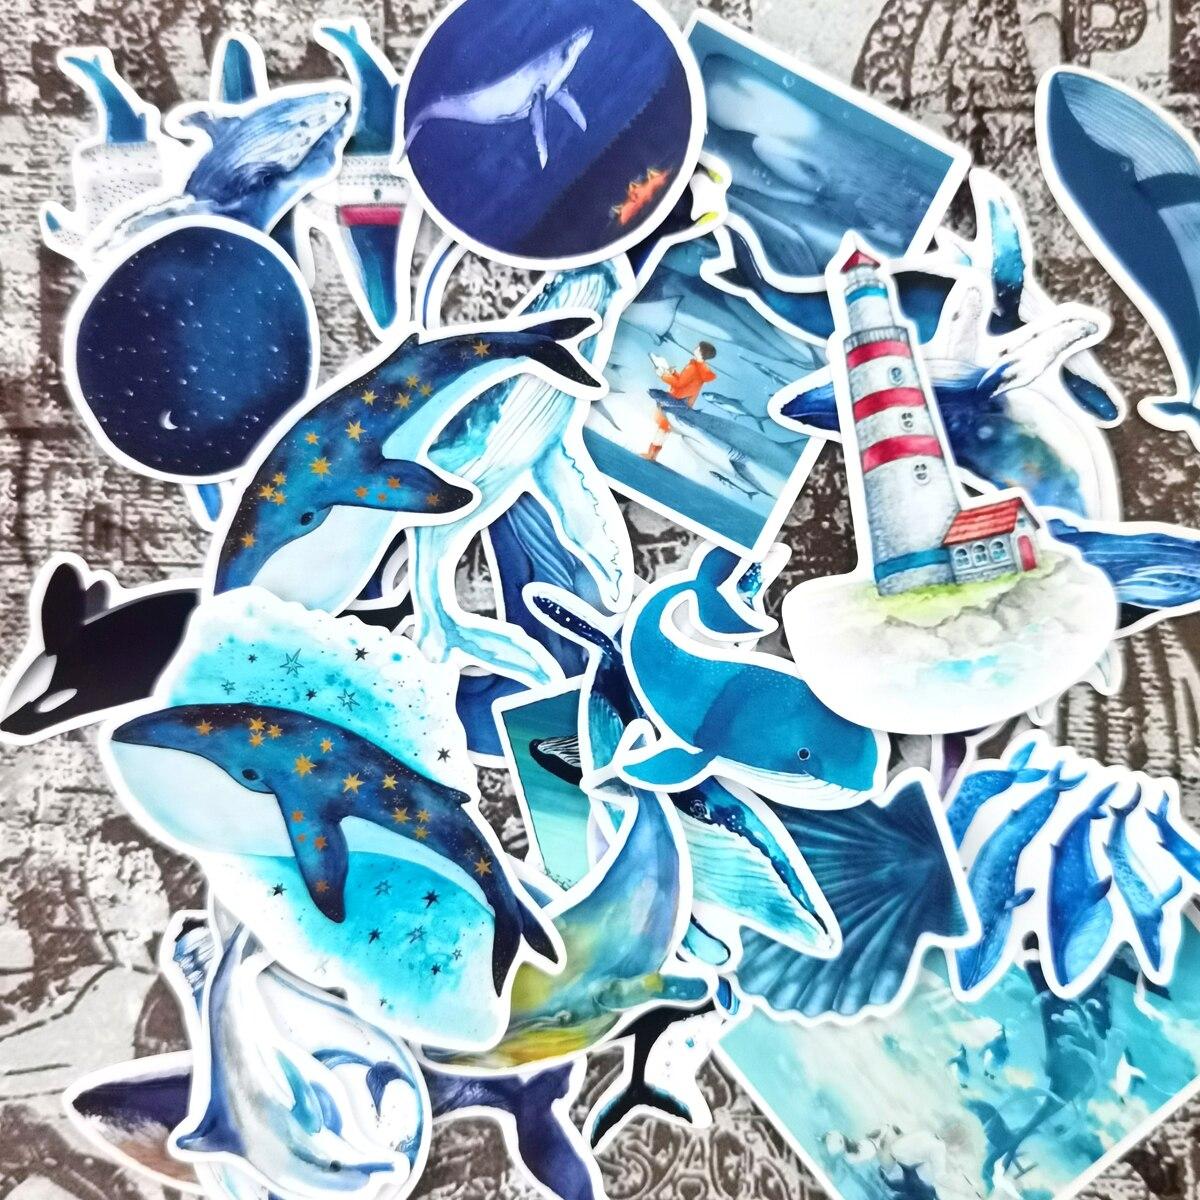 pegatinas-de-ballena-azul-para-planificador-calcomania-de-delfin-kawaii-de-pegamento-seco-bricolaje-28-uds